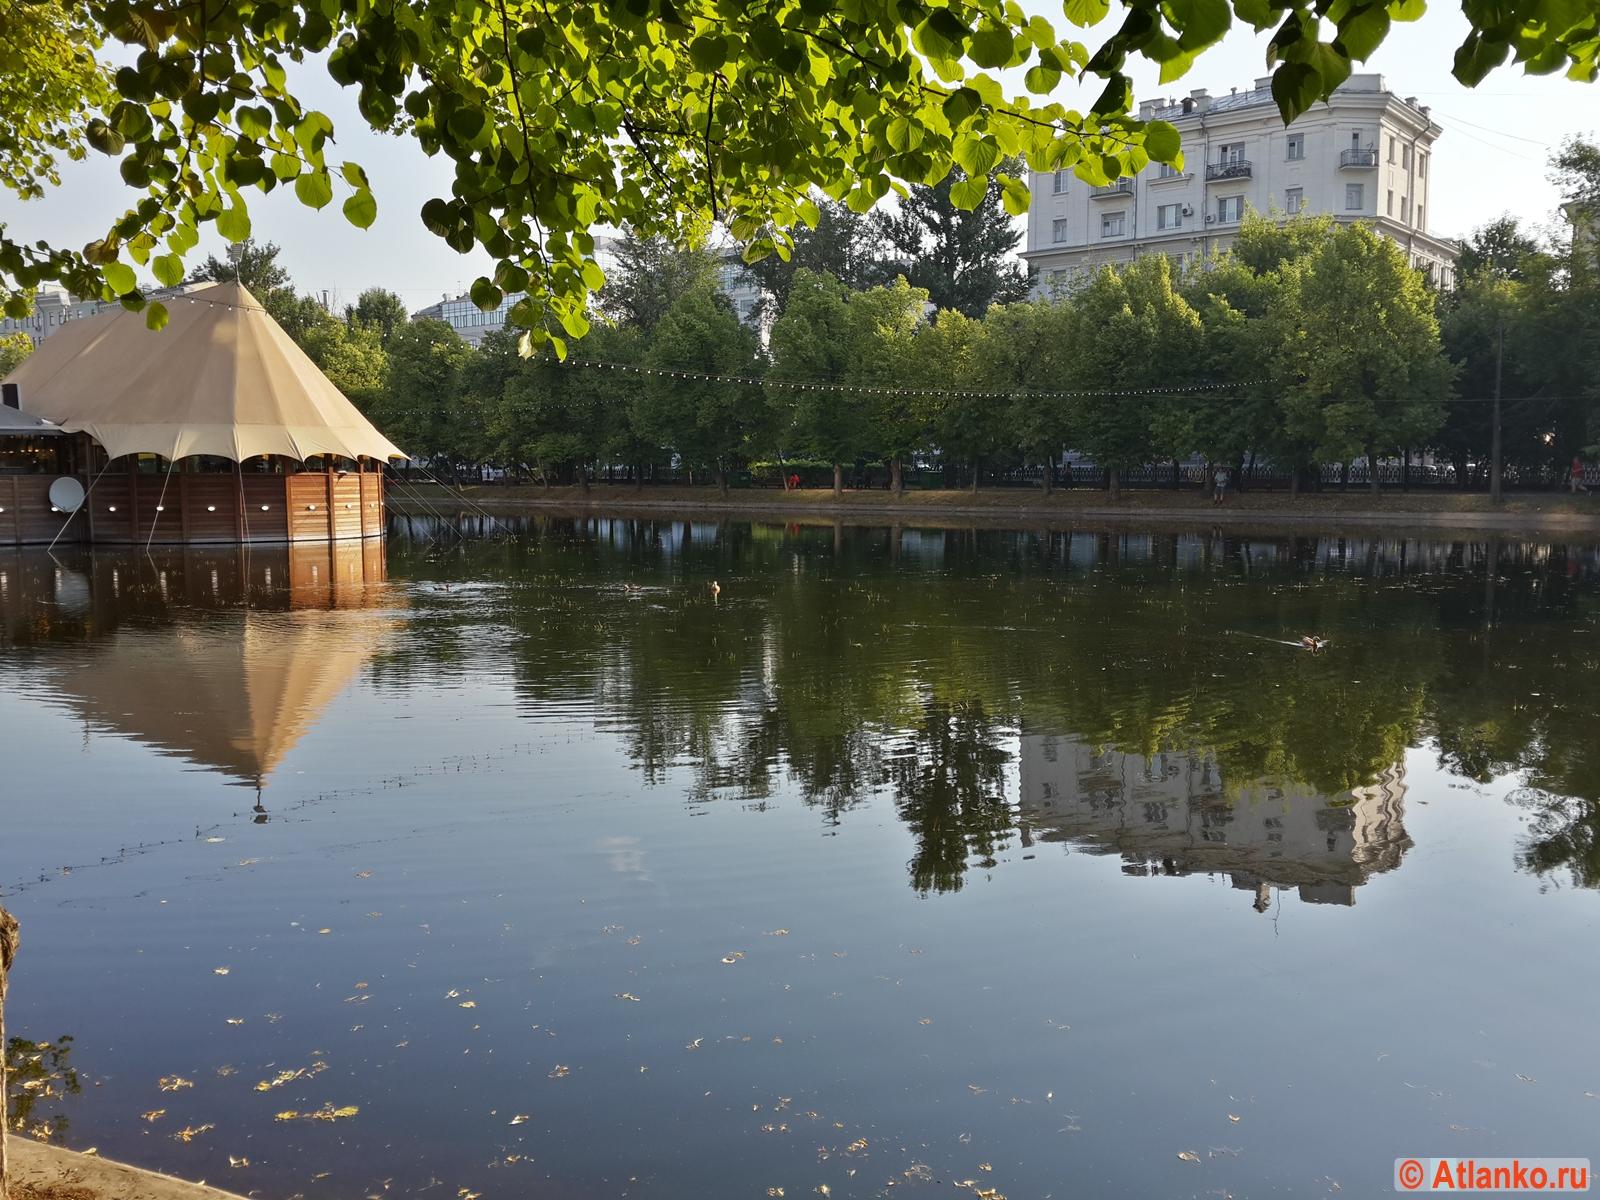 Чистые пруды, летнее утро. Москва. Фотография